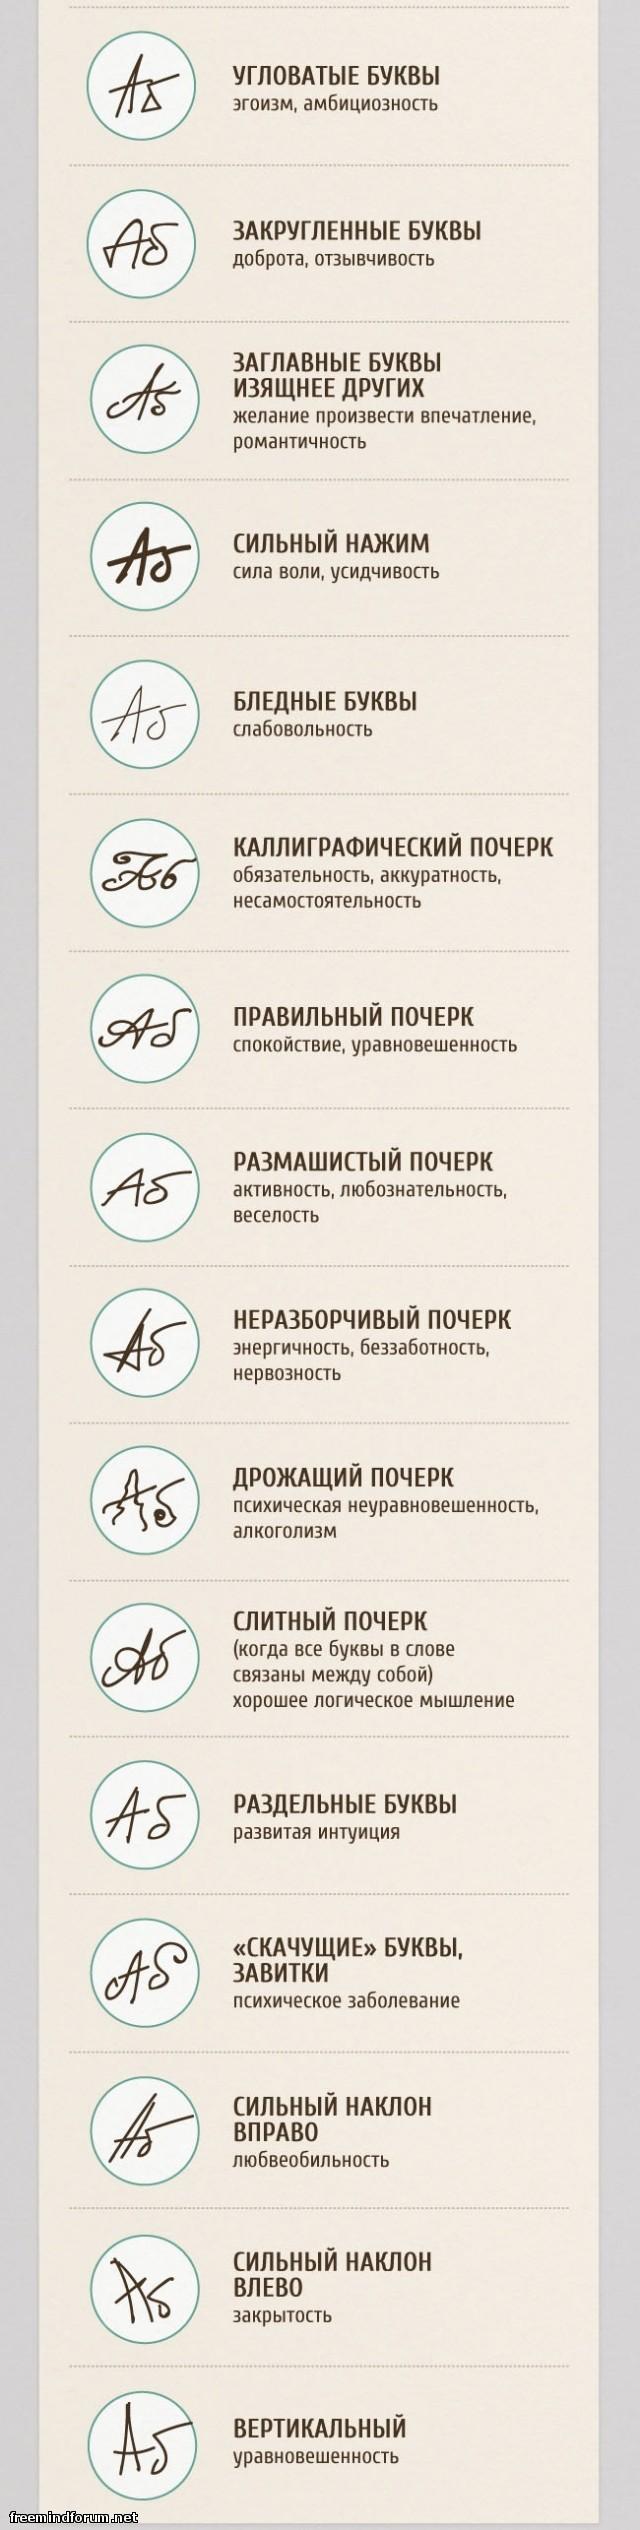 http://i2.imageban.ru/out/2015/10/18/8a44cfd147848220e19f425a2cc7256c.jpg